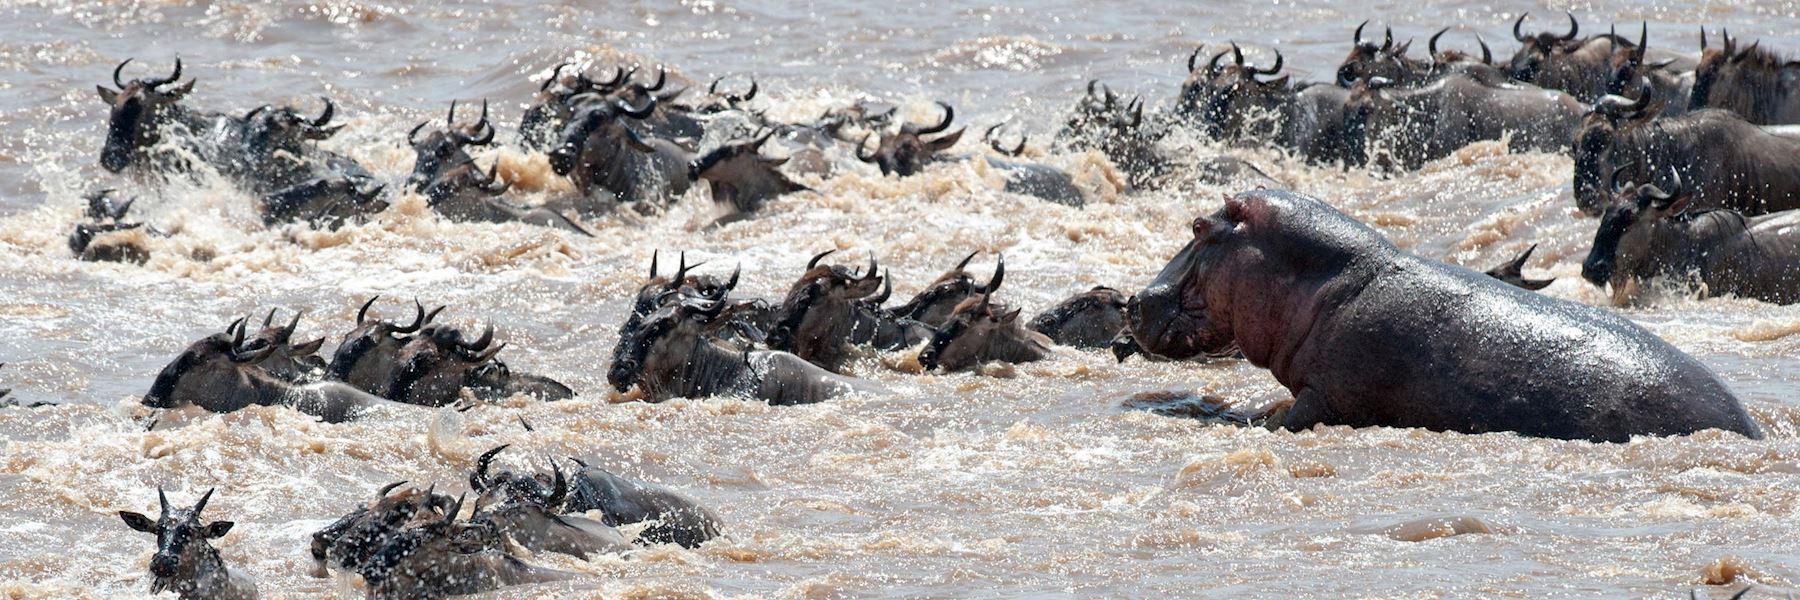 Kenya safaris & vacations